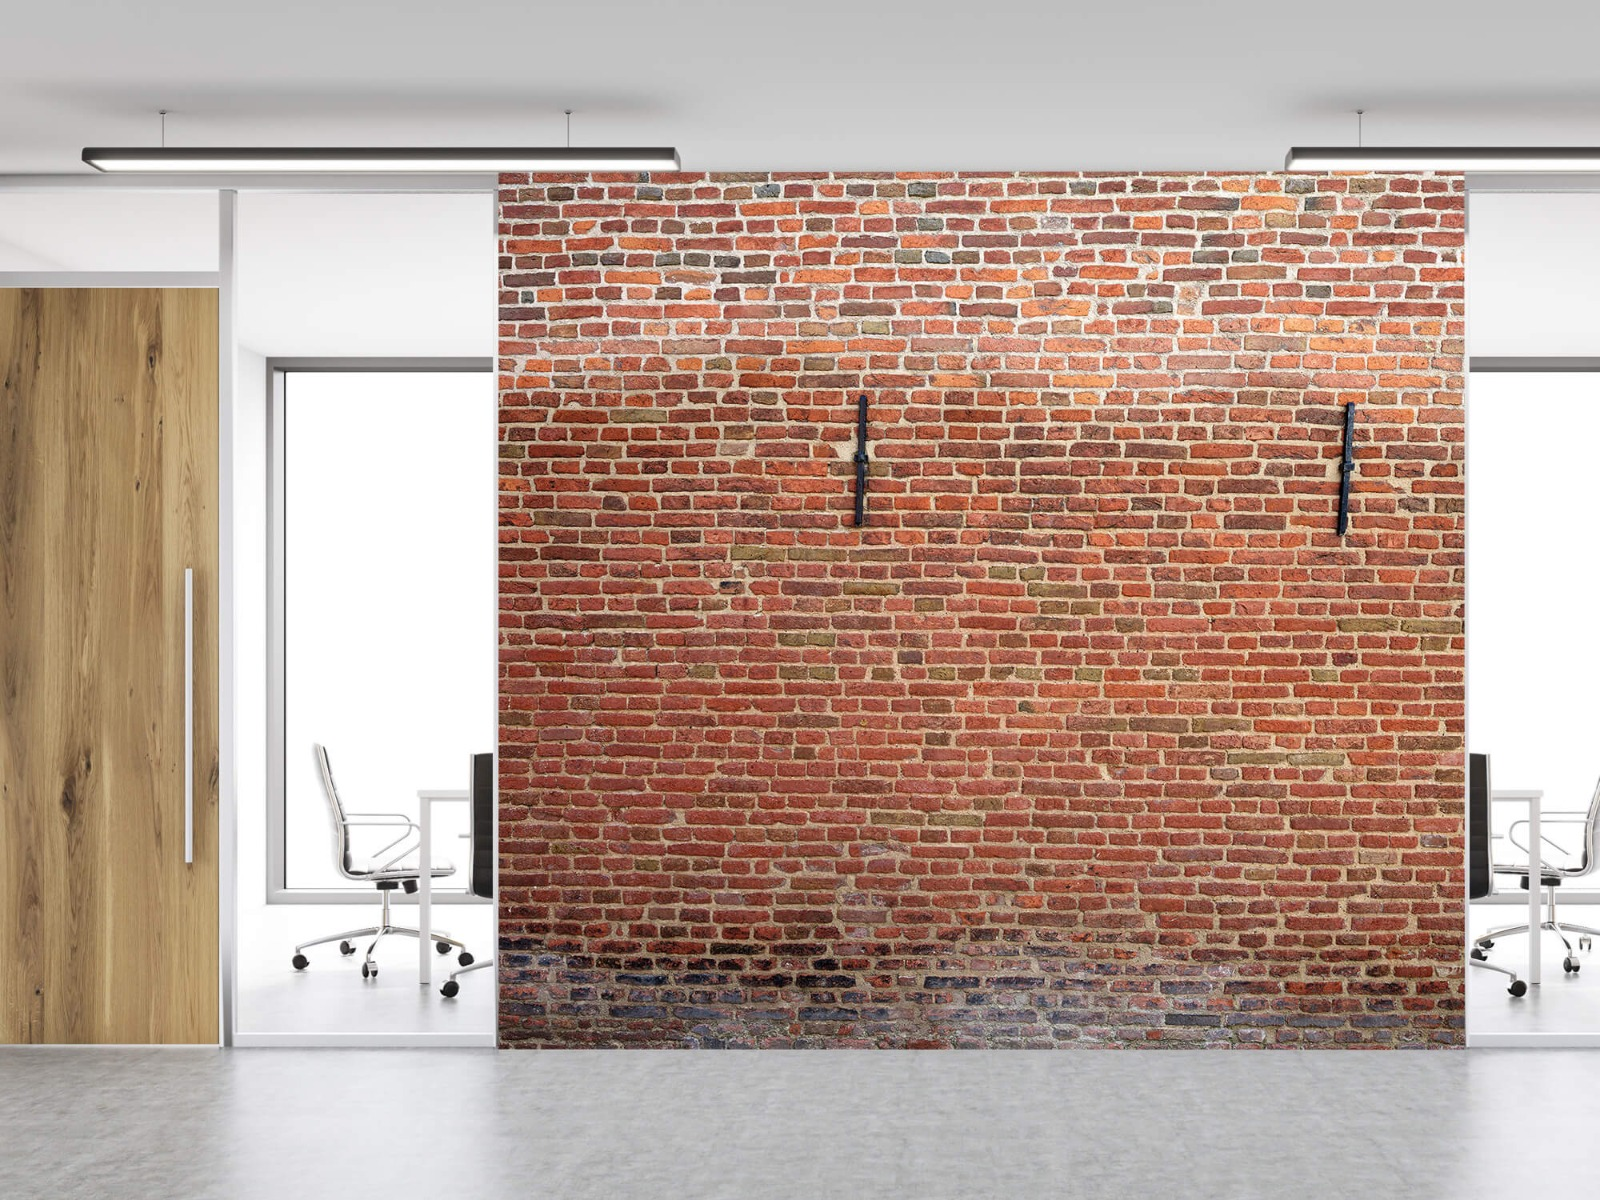 Stenen - Stadsmuur met muurankers 11